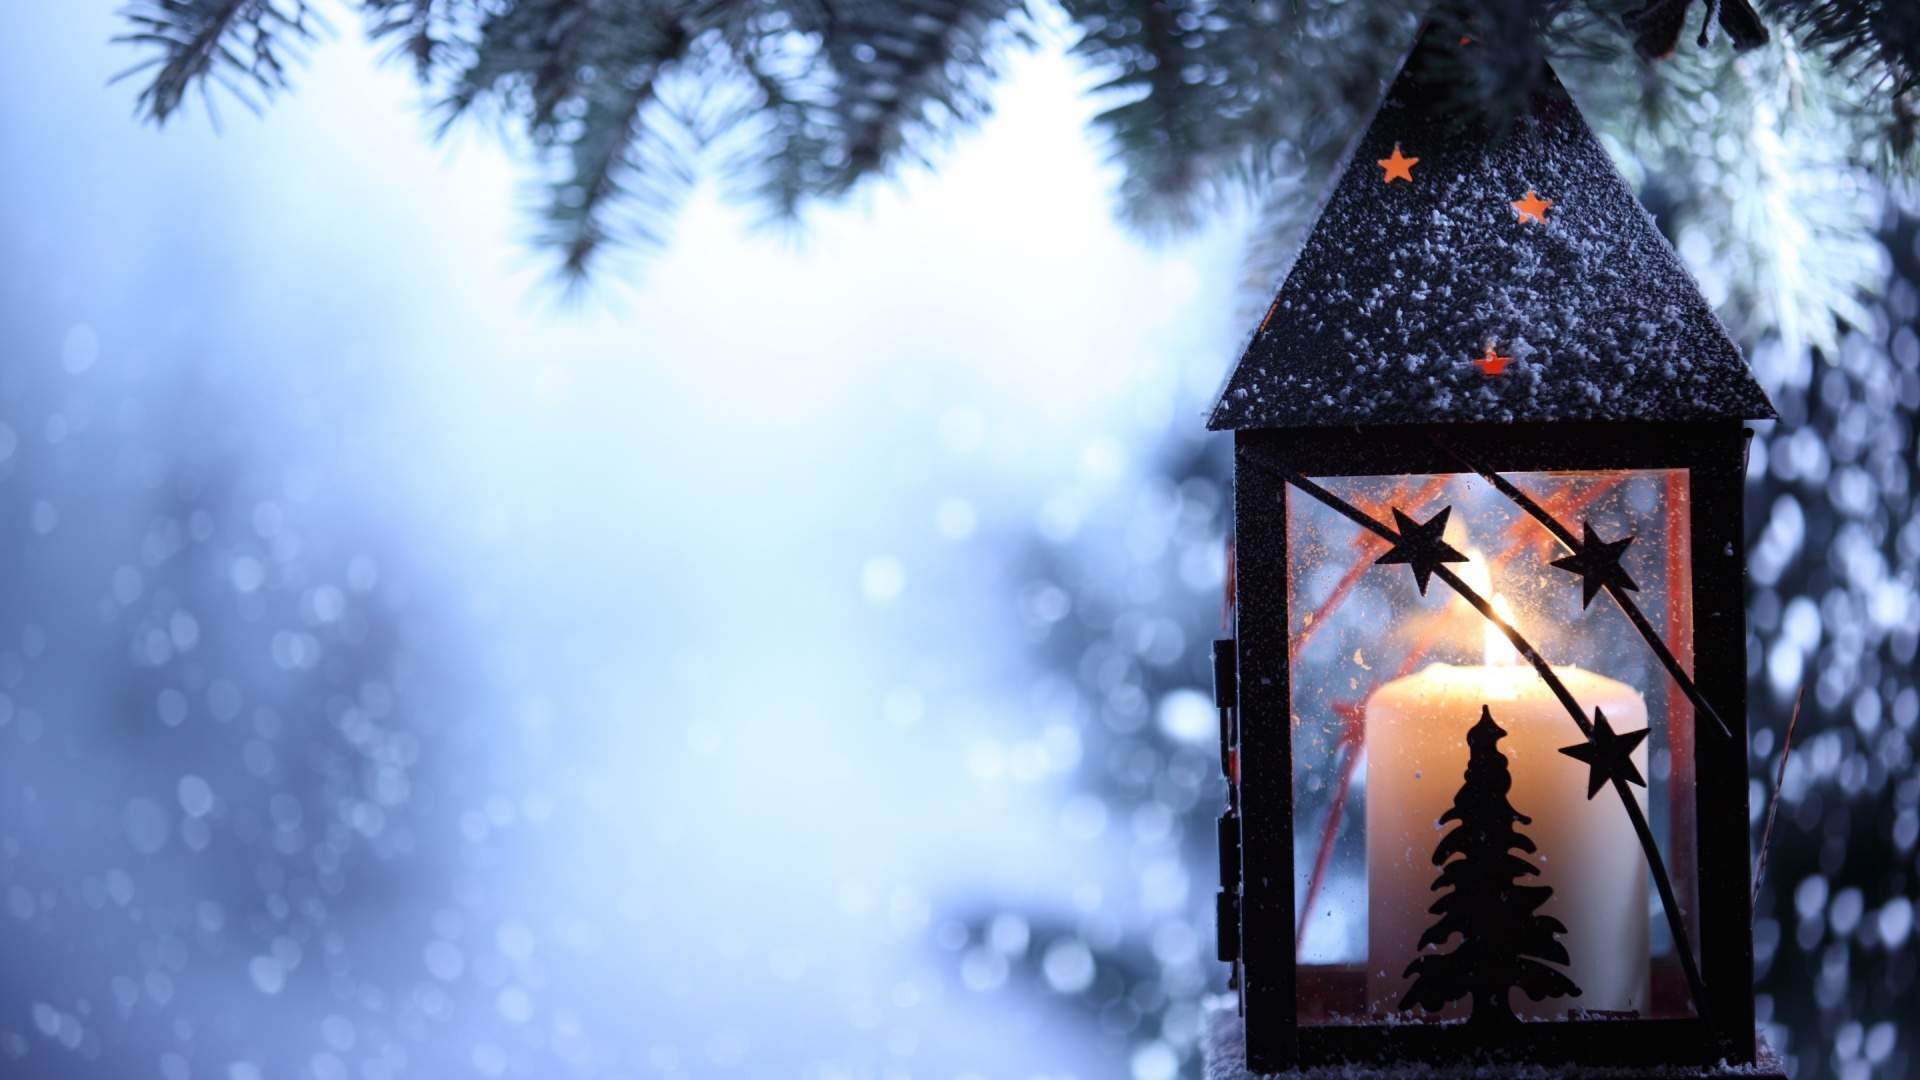 Sfondi Natale - Sfondo Desktop Lanterna Natalizia